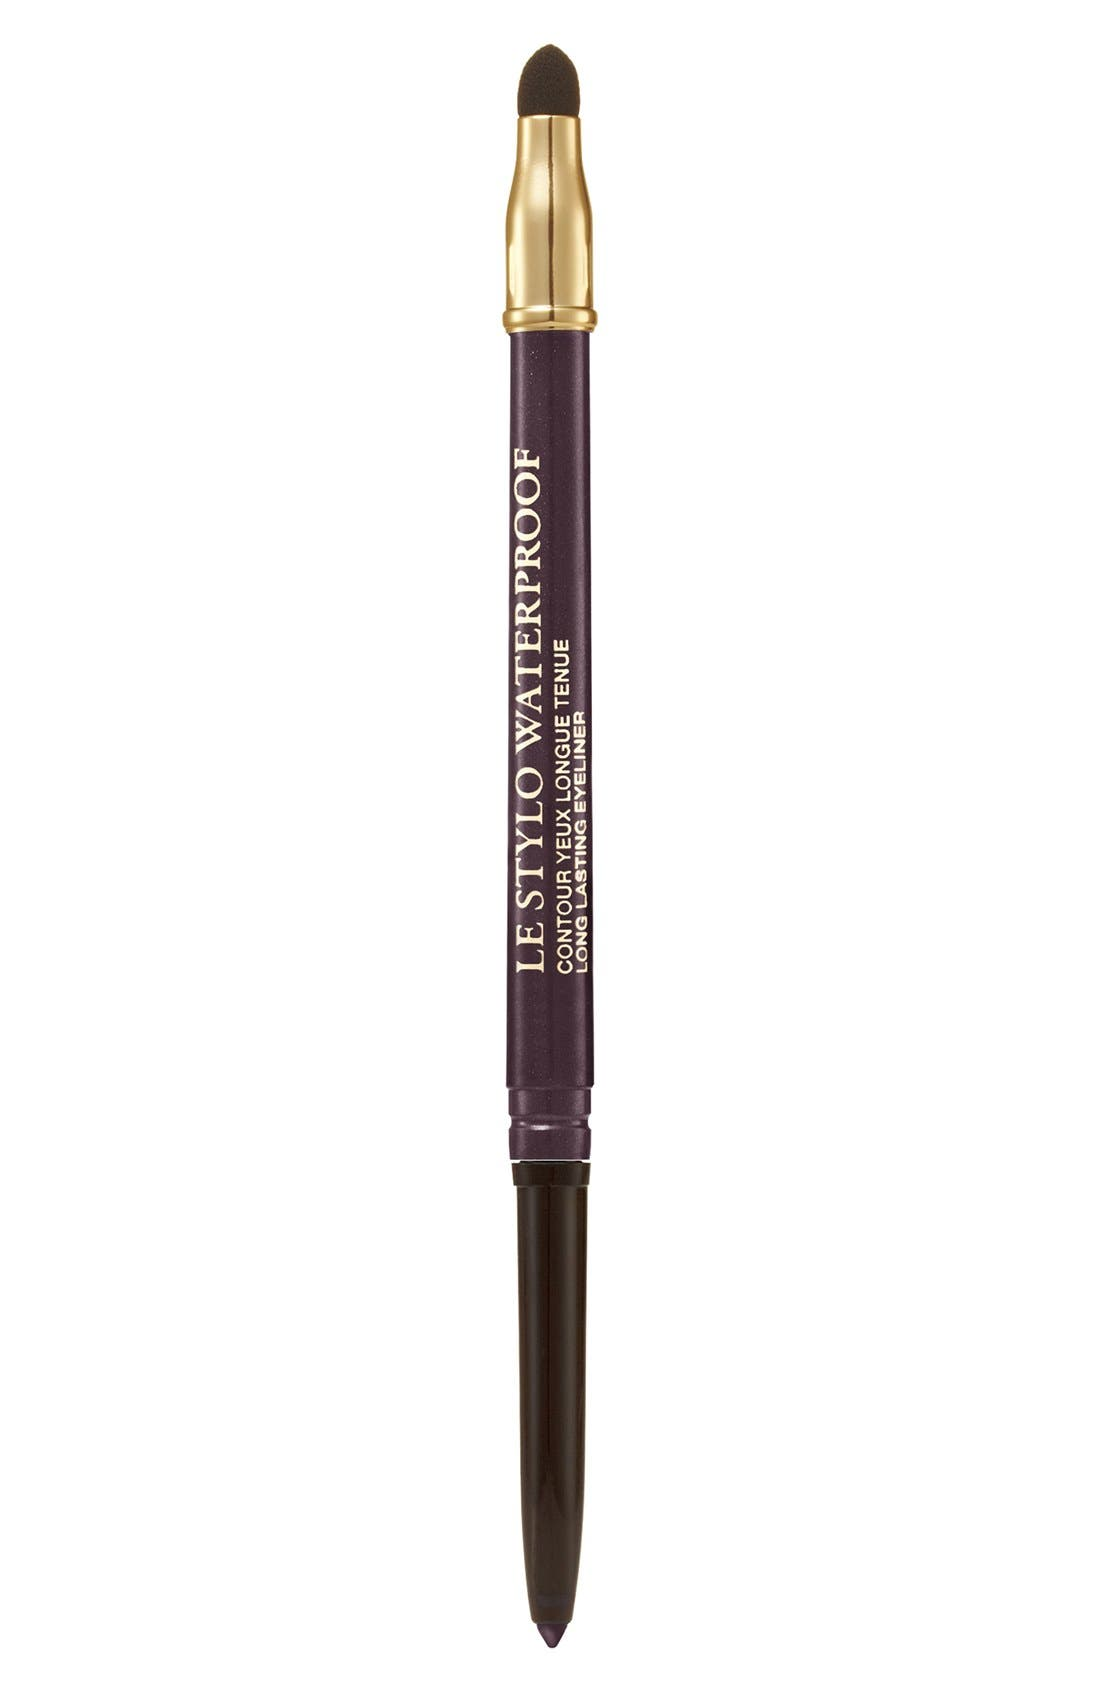 Lancôme Le Stylo Waterproof Long Lasting Eyeliner